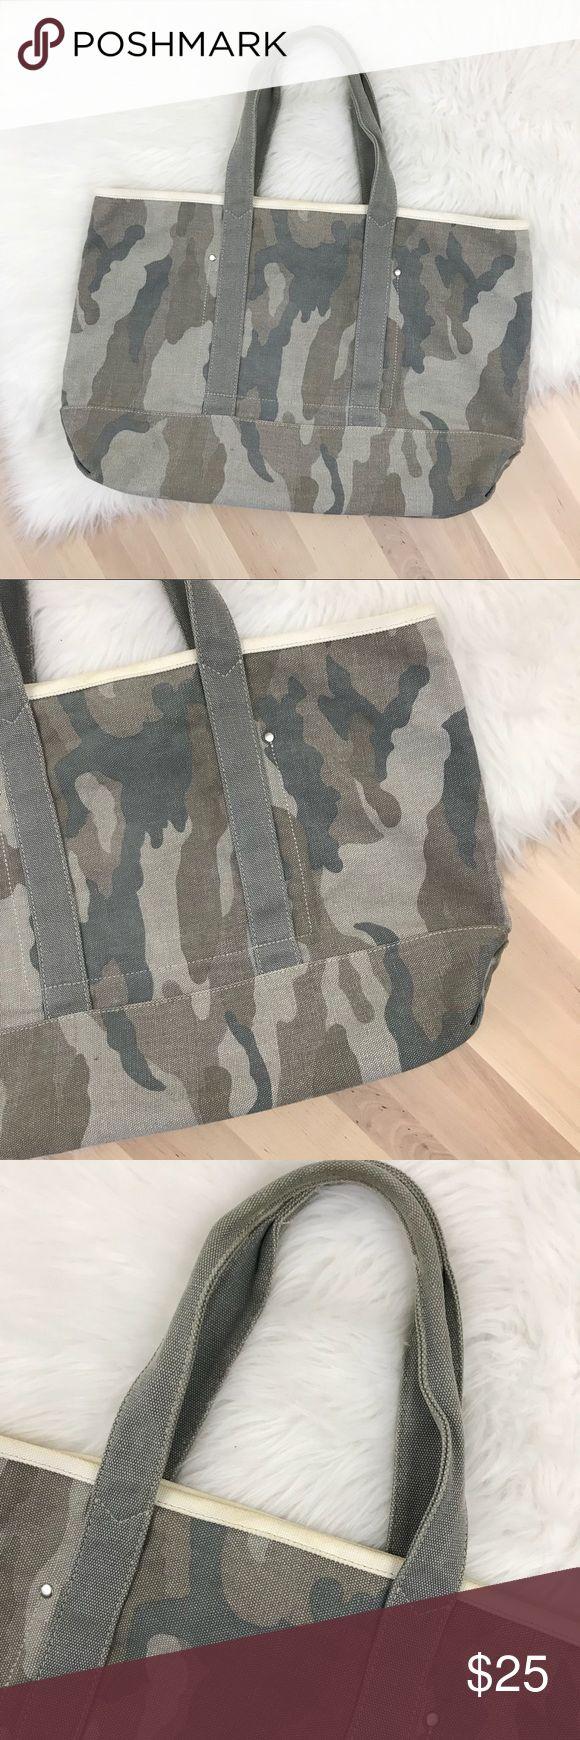 J. Crew Camo Print Canvas Tote Bag J. Crew camo print canvas tote bag with two interior pockets. Double handles.  No flaws! J. Crew Bags Totes